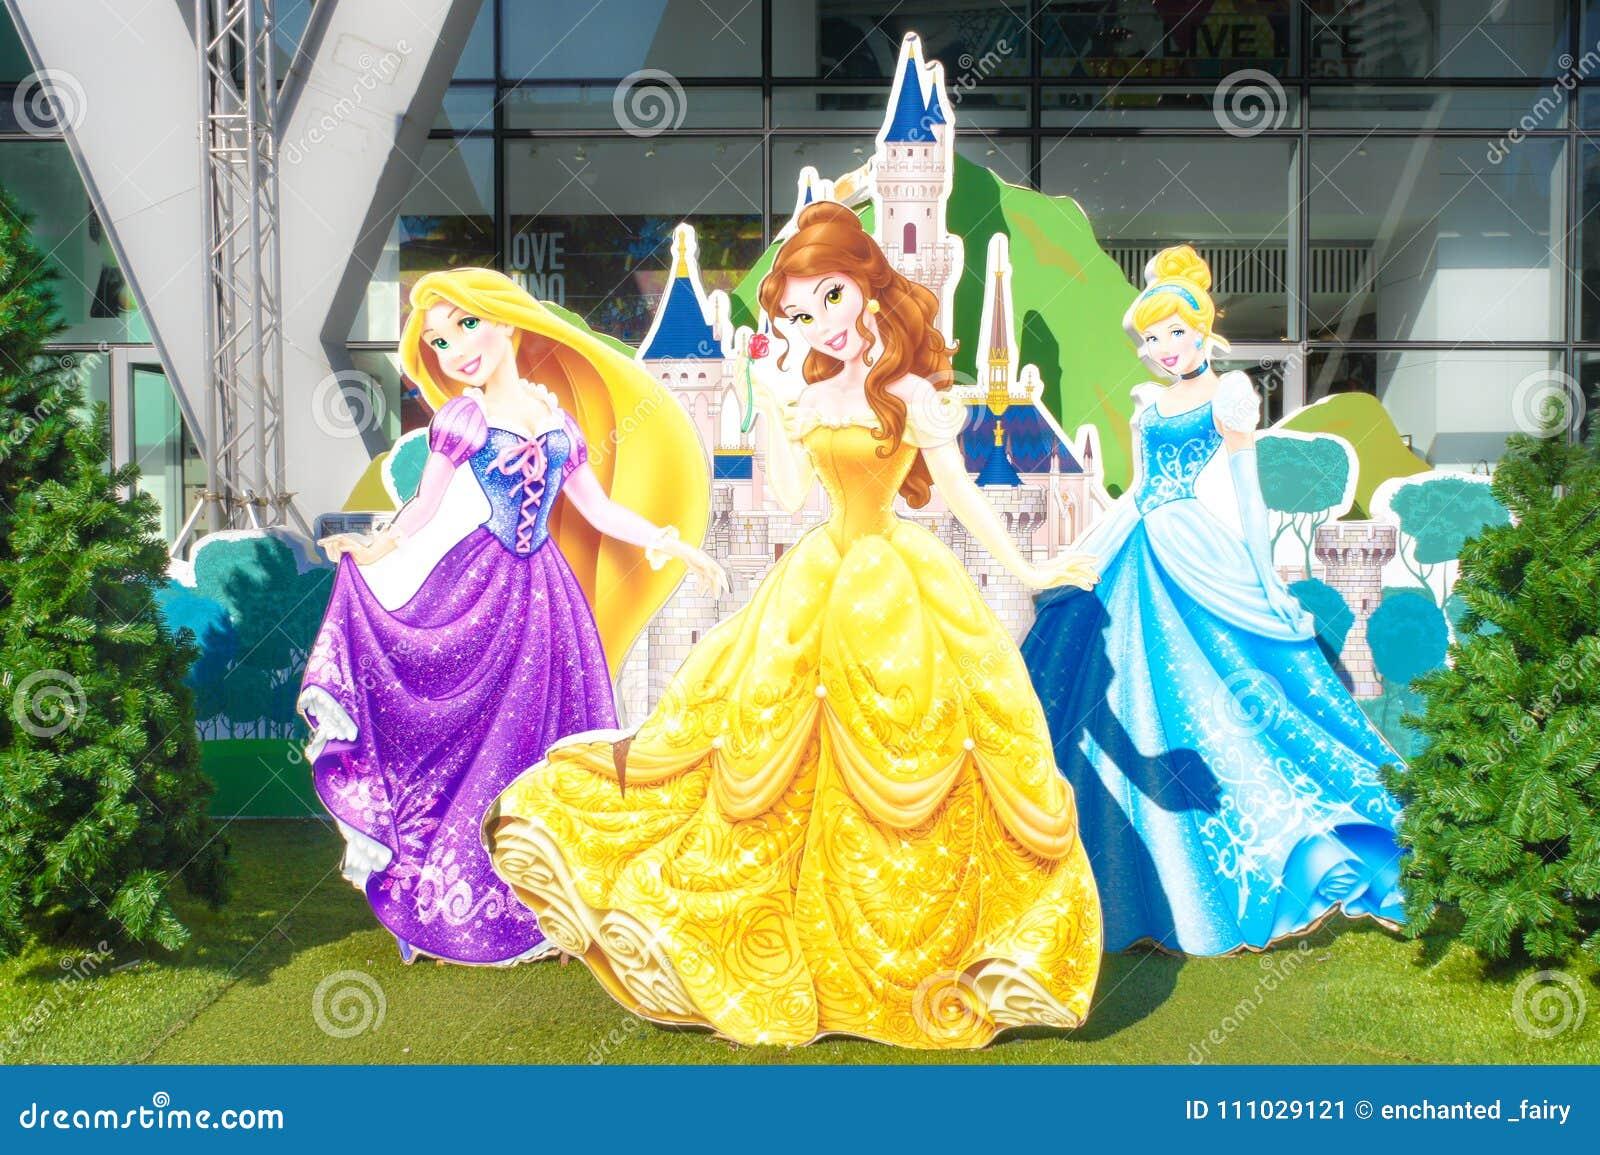 Princesses de Disney Rapunzel, belle, Cendrillon et Disney se retranchent derrière eux